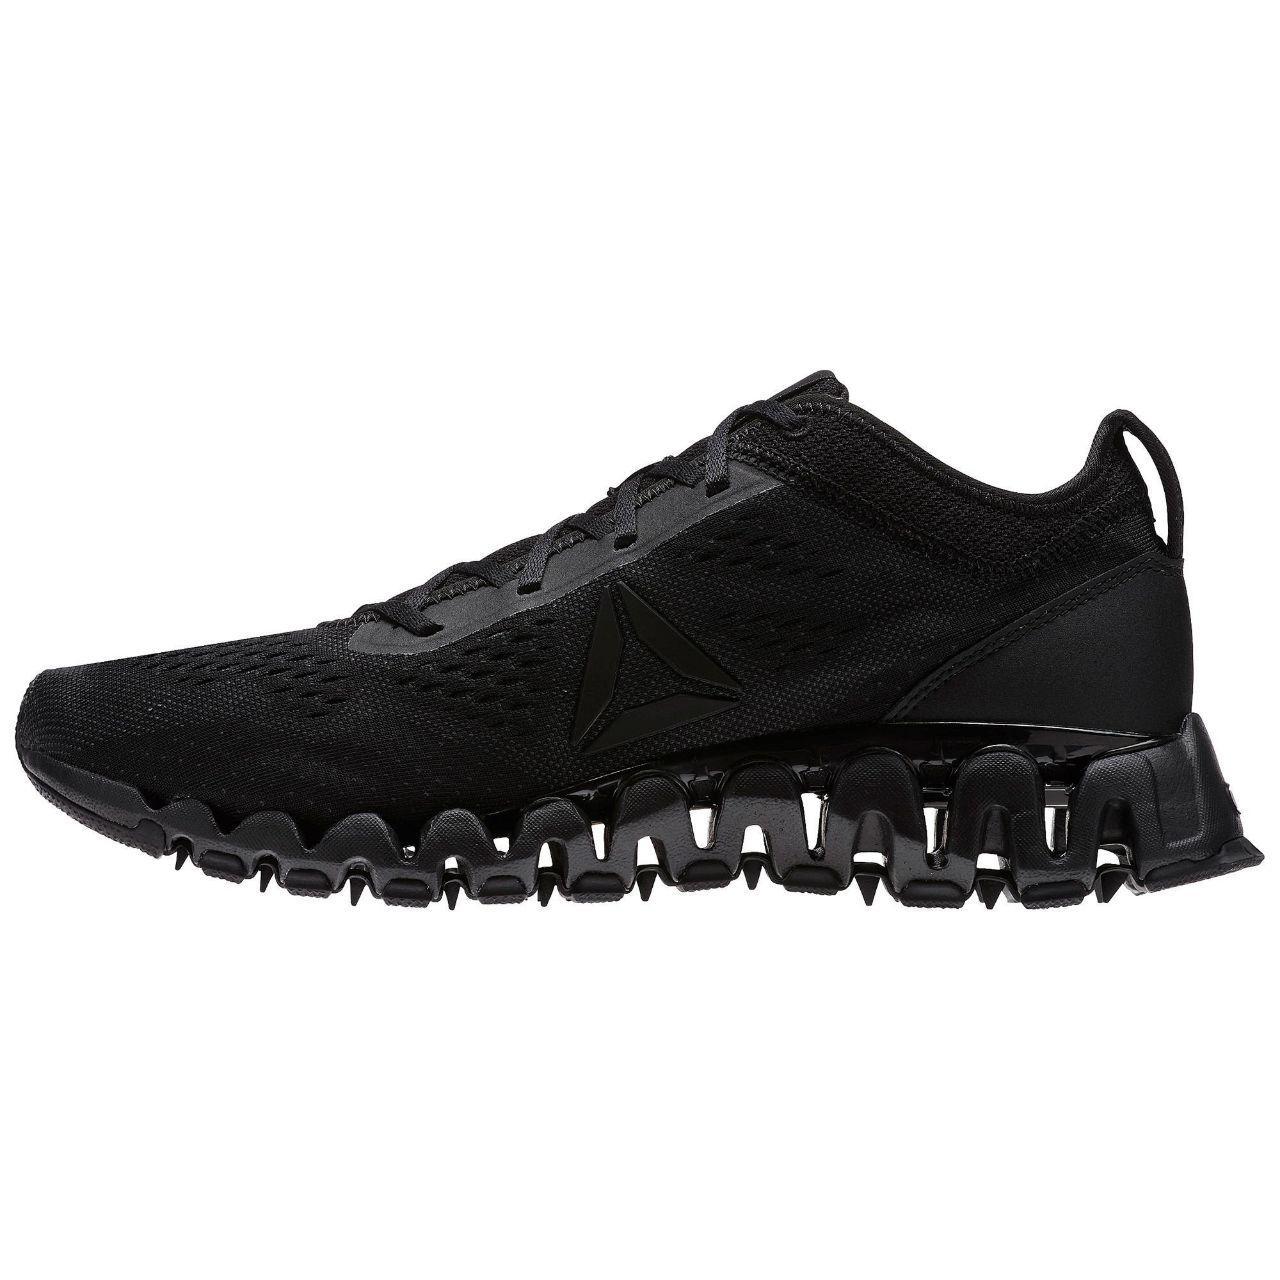 قیمت کفش مخصوص دویدن مردانه ریباک مدل Zig Explorer BS7400